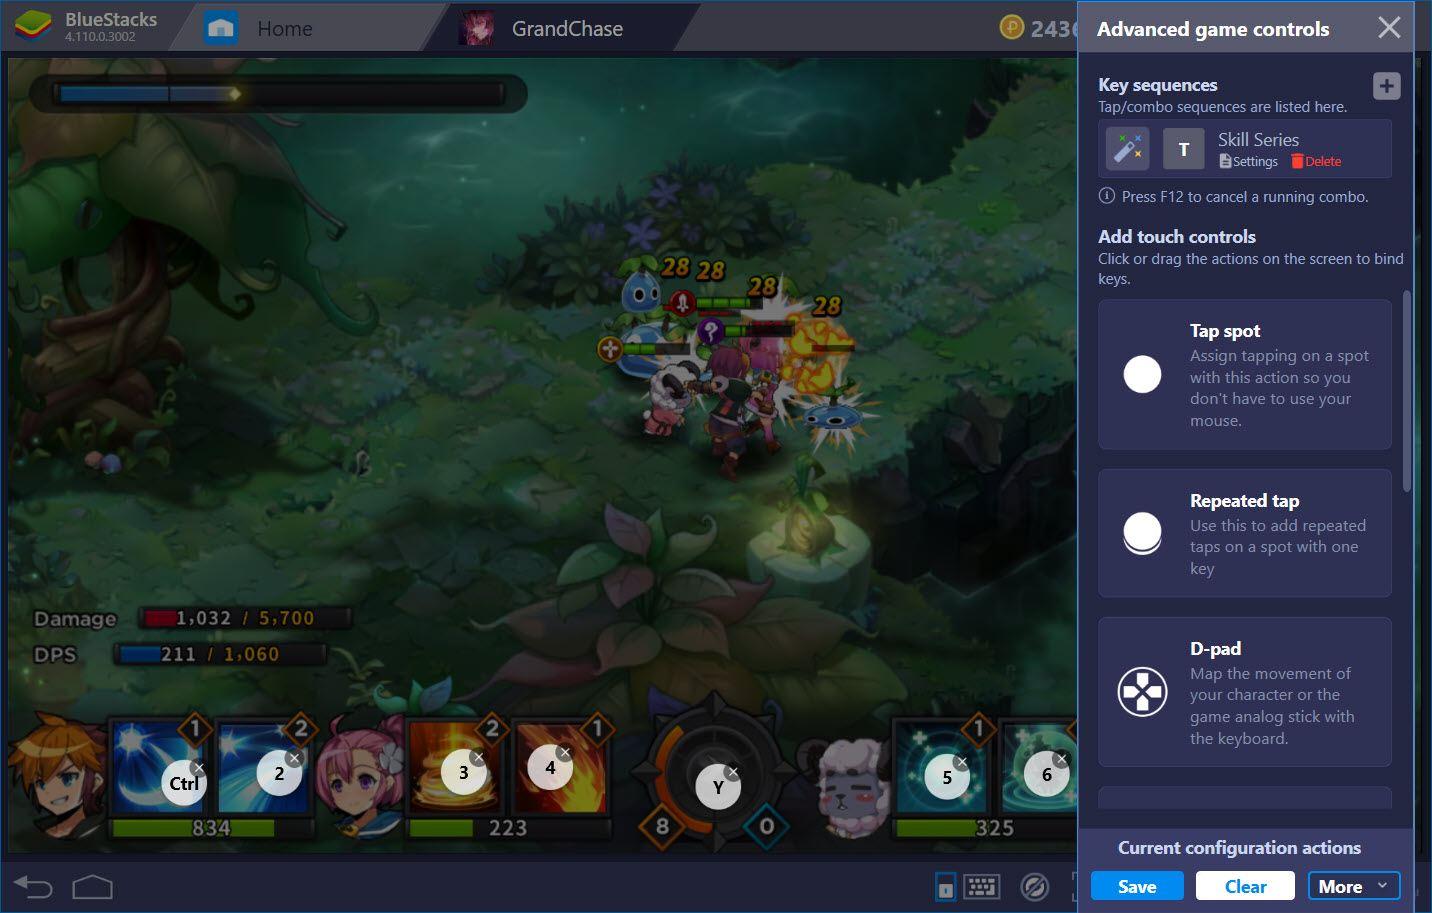 Hướng dẫn thiết lập Game Controls khi chơi GrandChase với BlueStacks